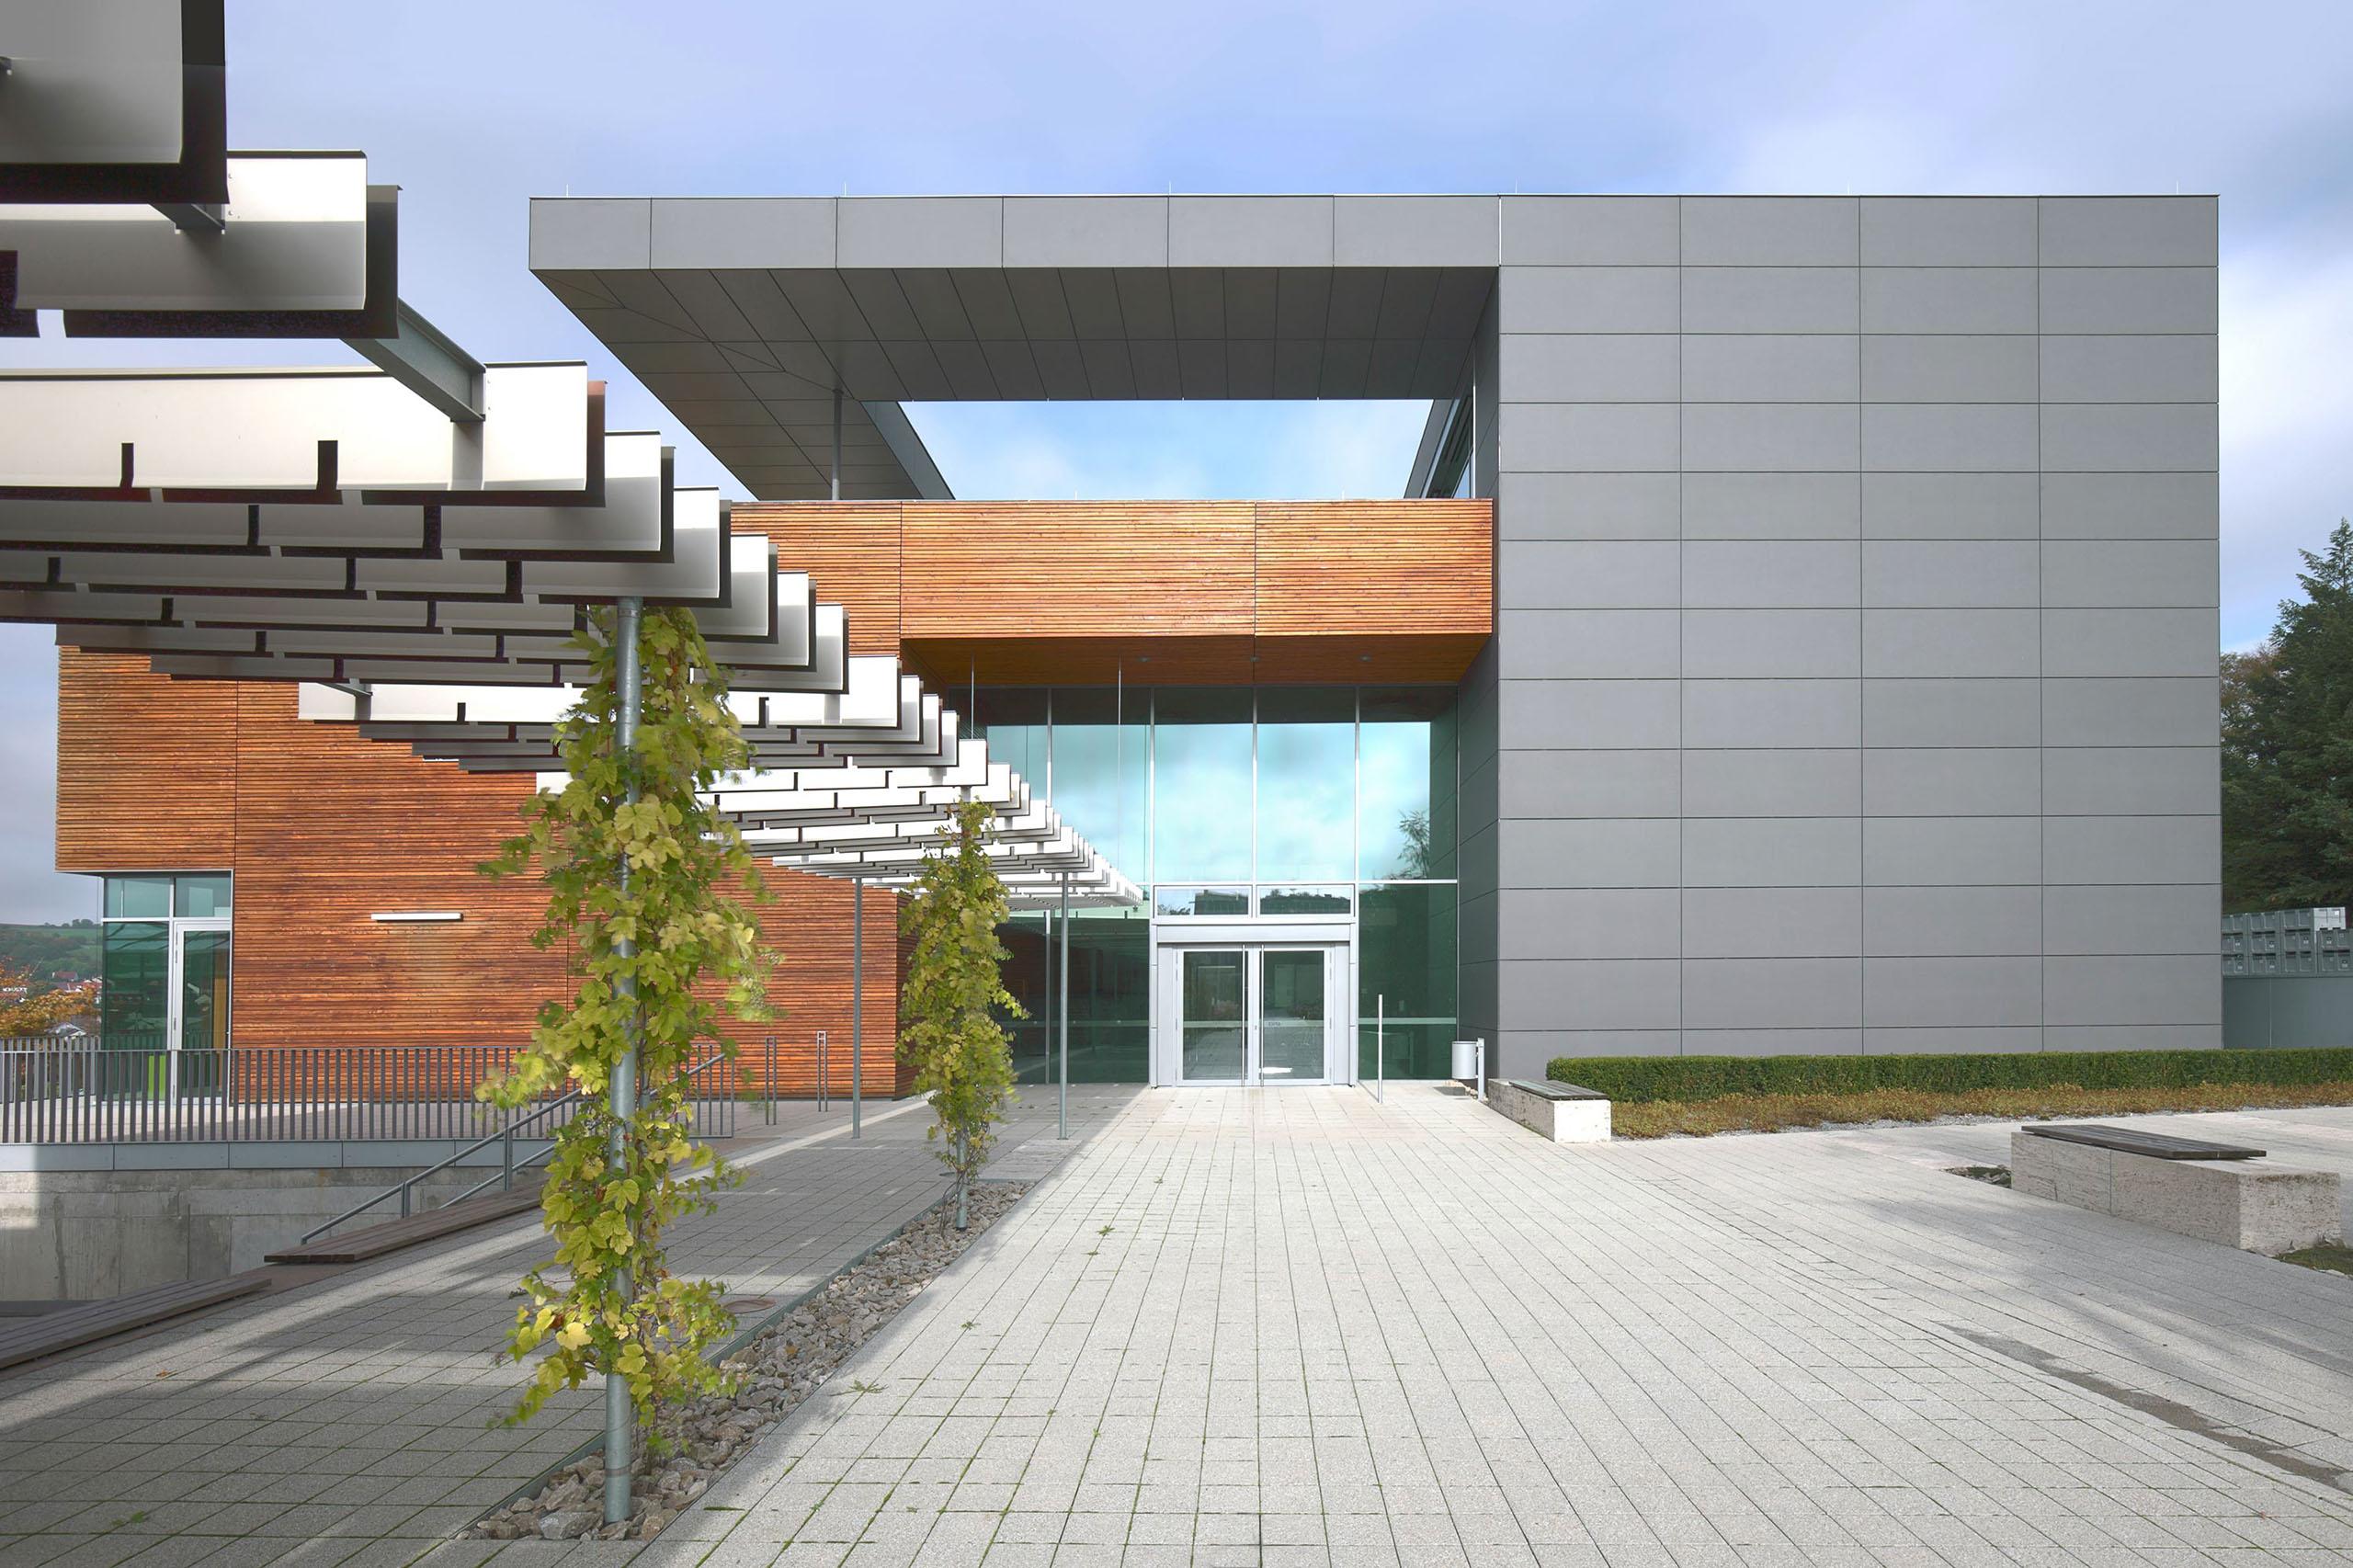 dewan friedenberger architekten in m nchen. Black Bedroom Furniture Sets. Home Design Ideas